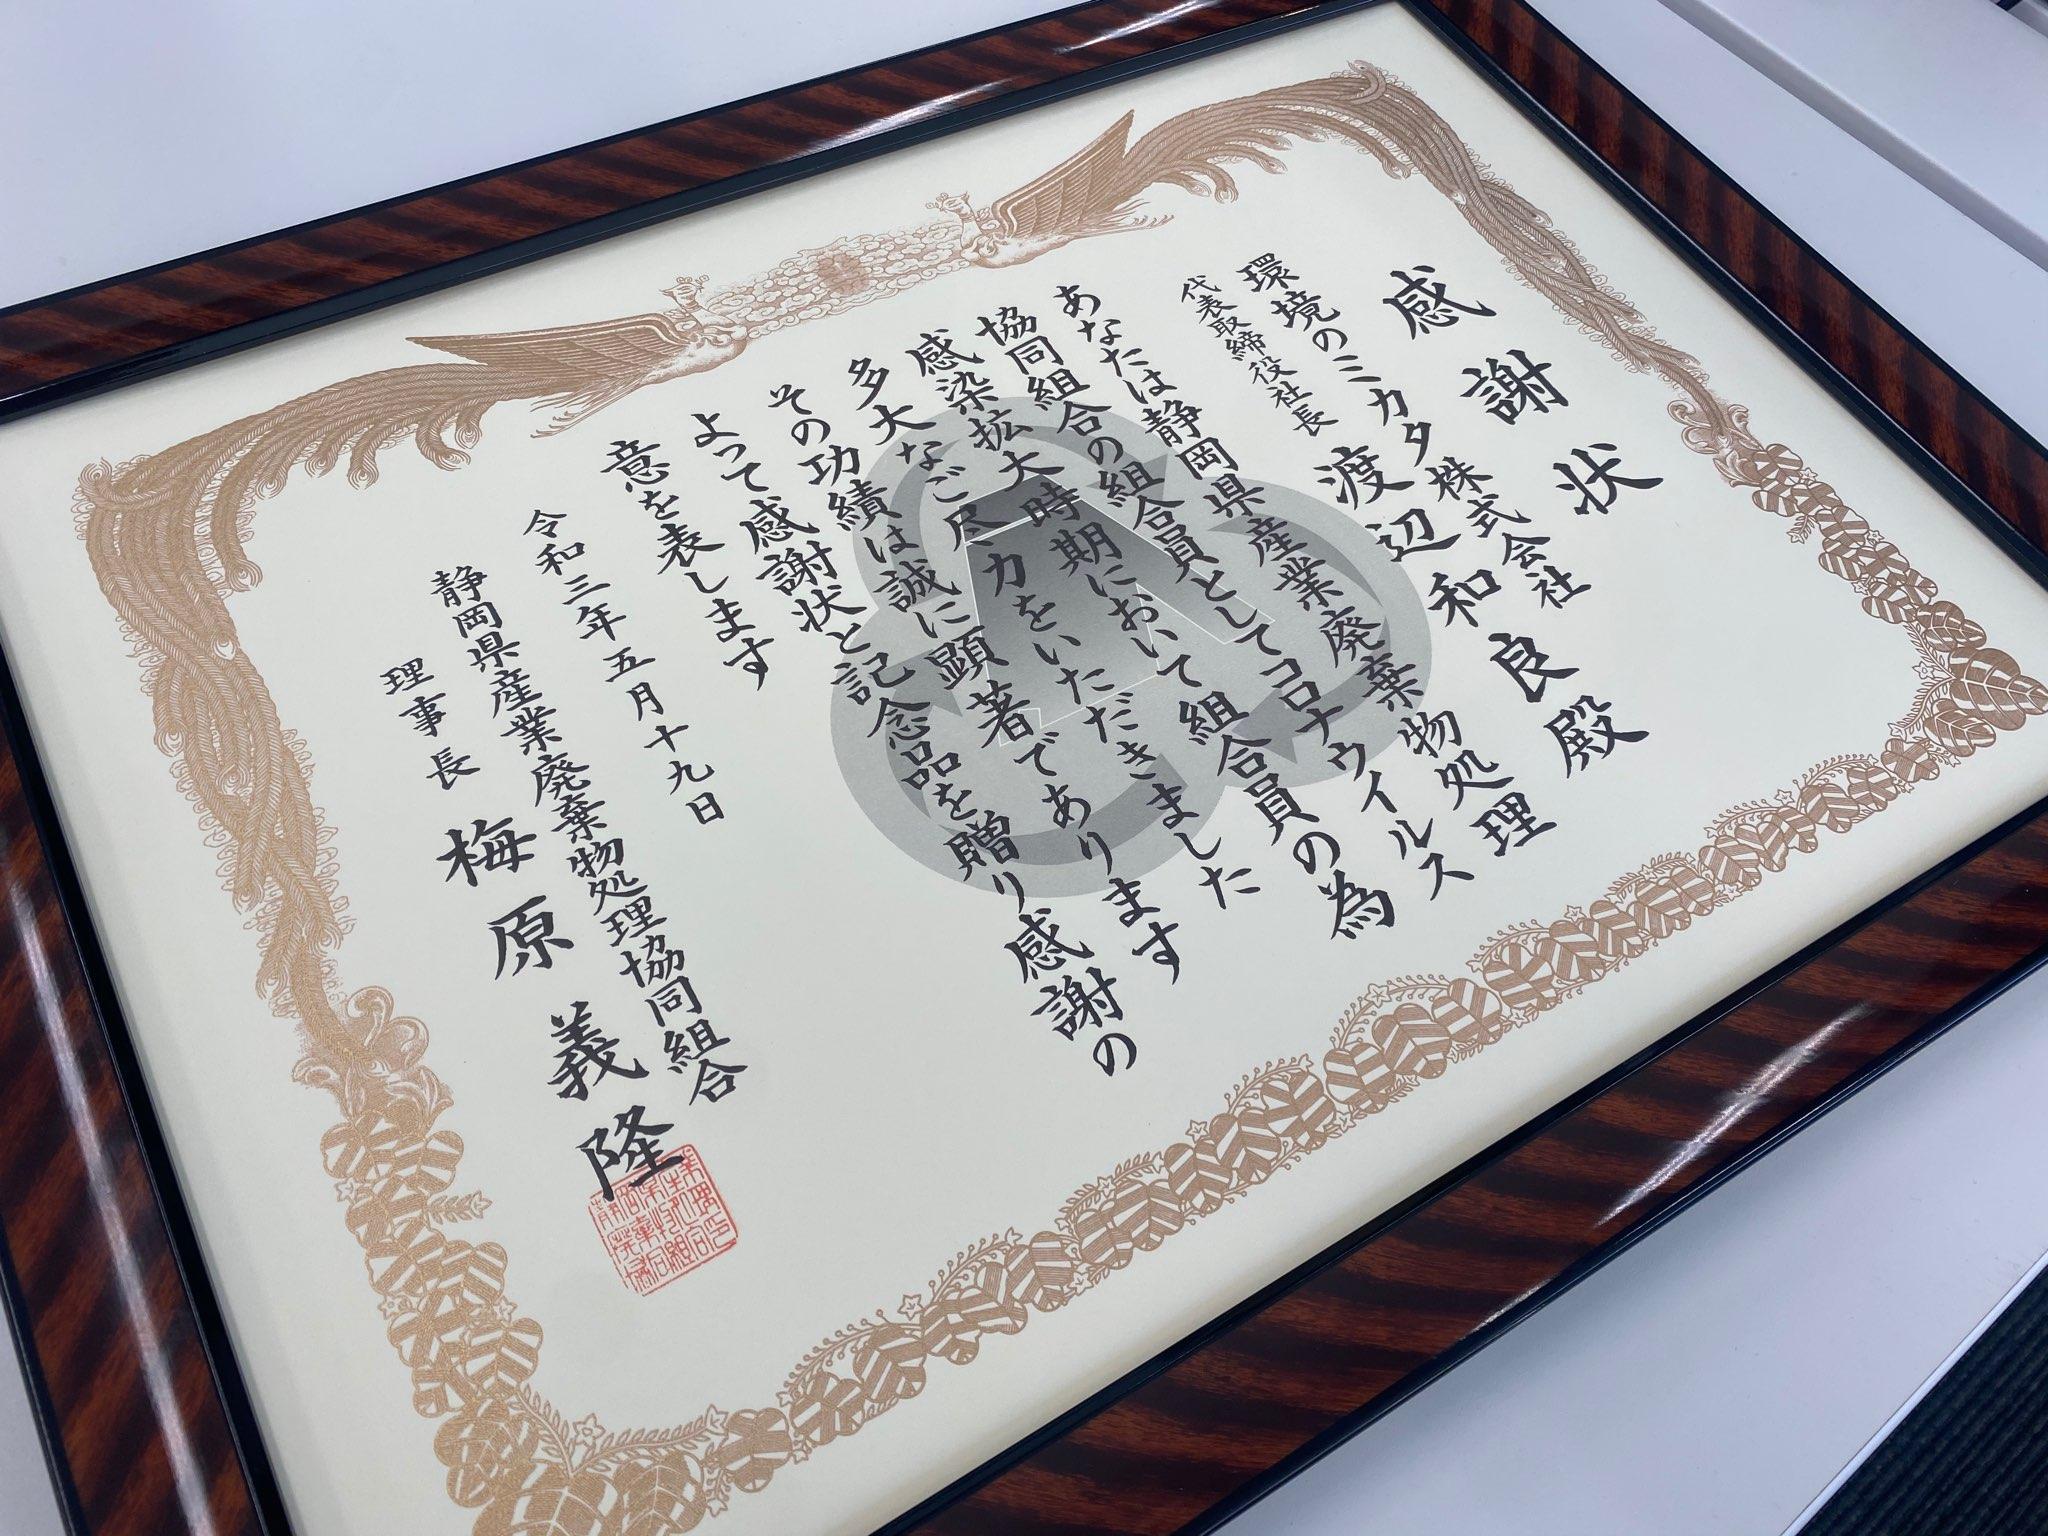 静岡県産業廃棄物処理協同組合から感謝状をいただきました